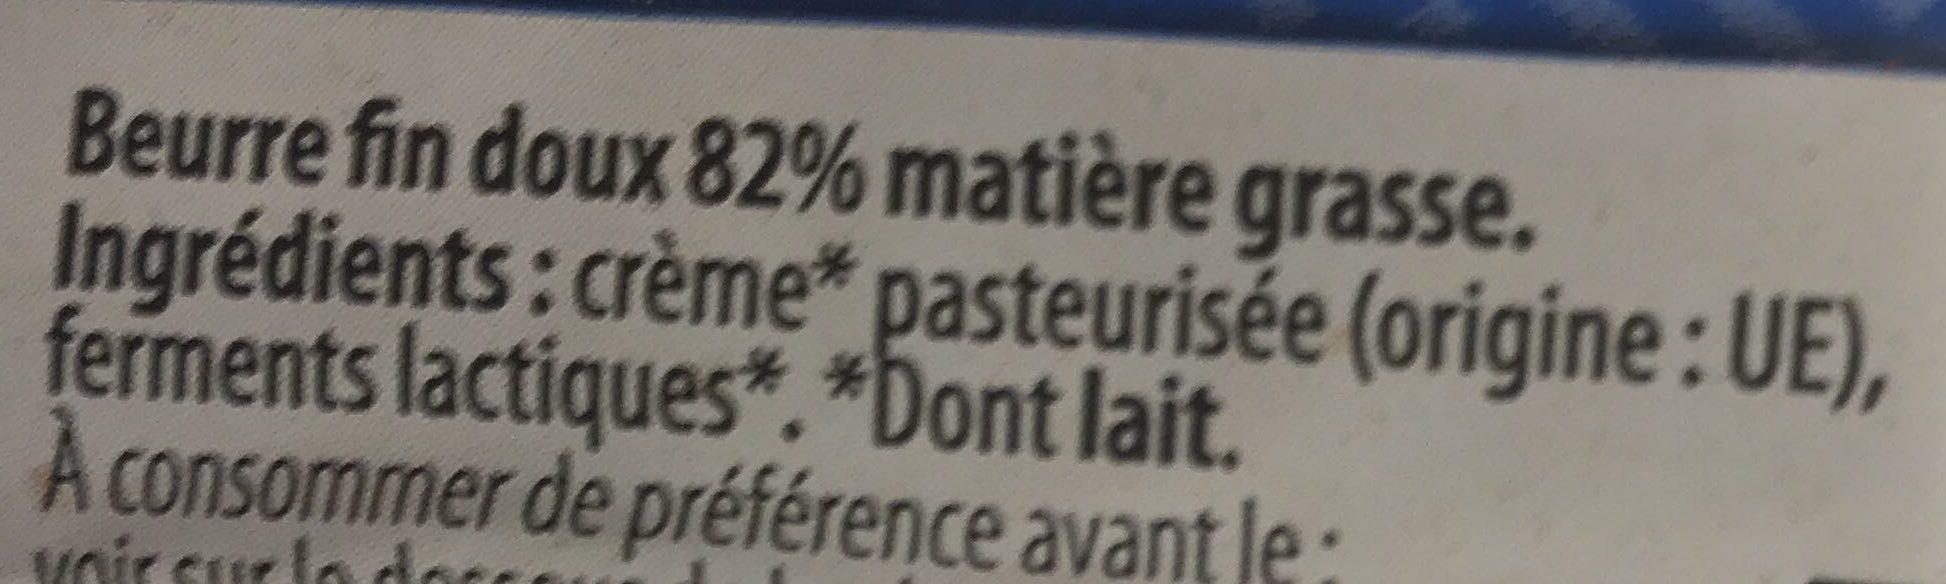 Beurre moulé - Ingredients - fr